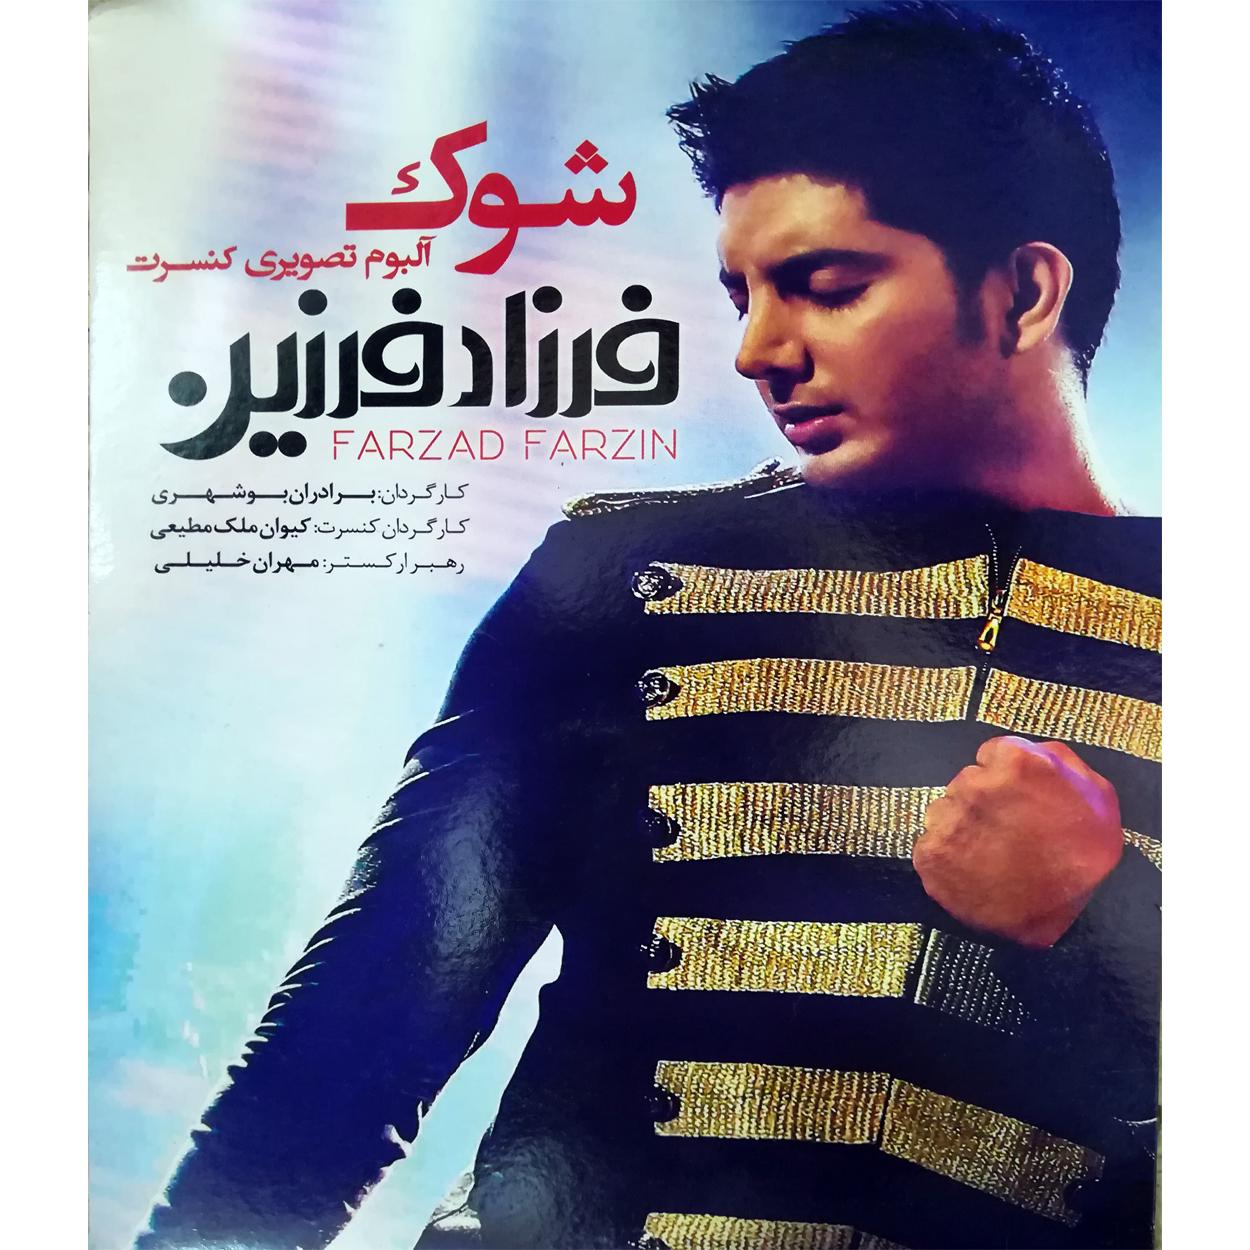 آلبوم تصویری کنسرت شوک اثر فرزاد فرزین نشر از هنر اول